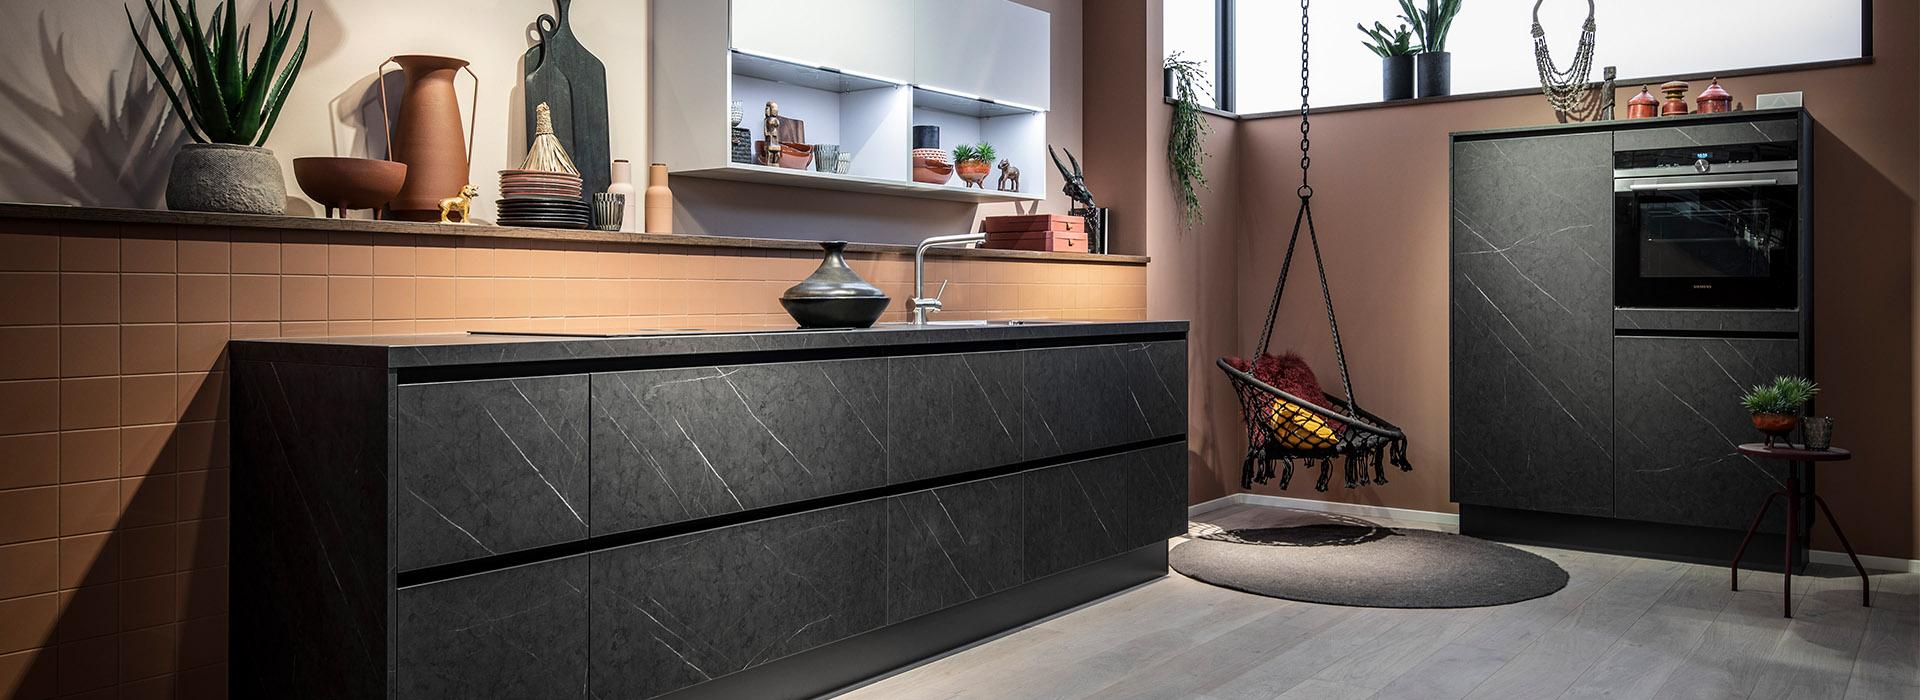 Küche kaufen Trend Wollenberg Essen